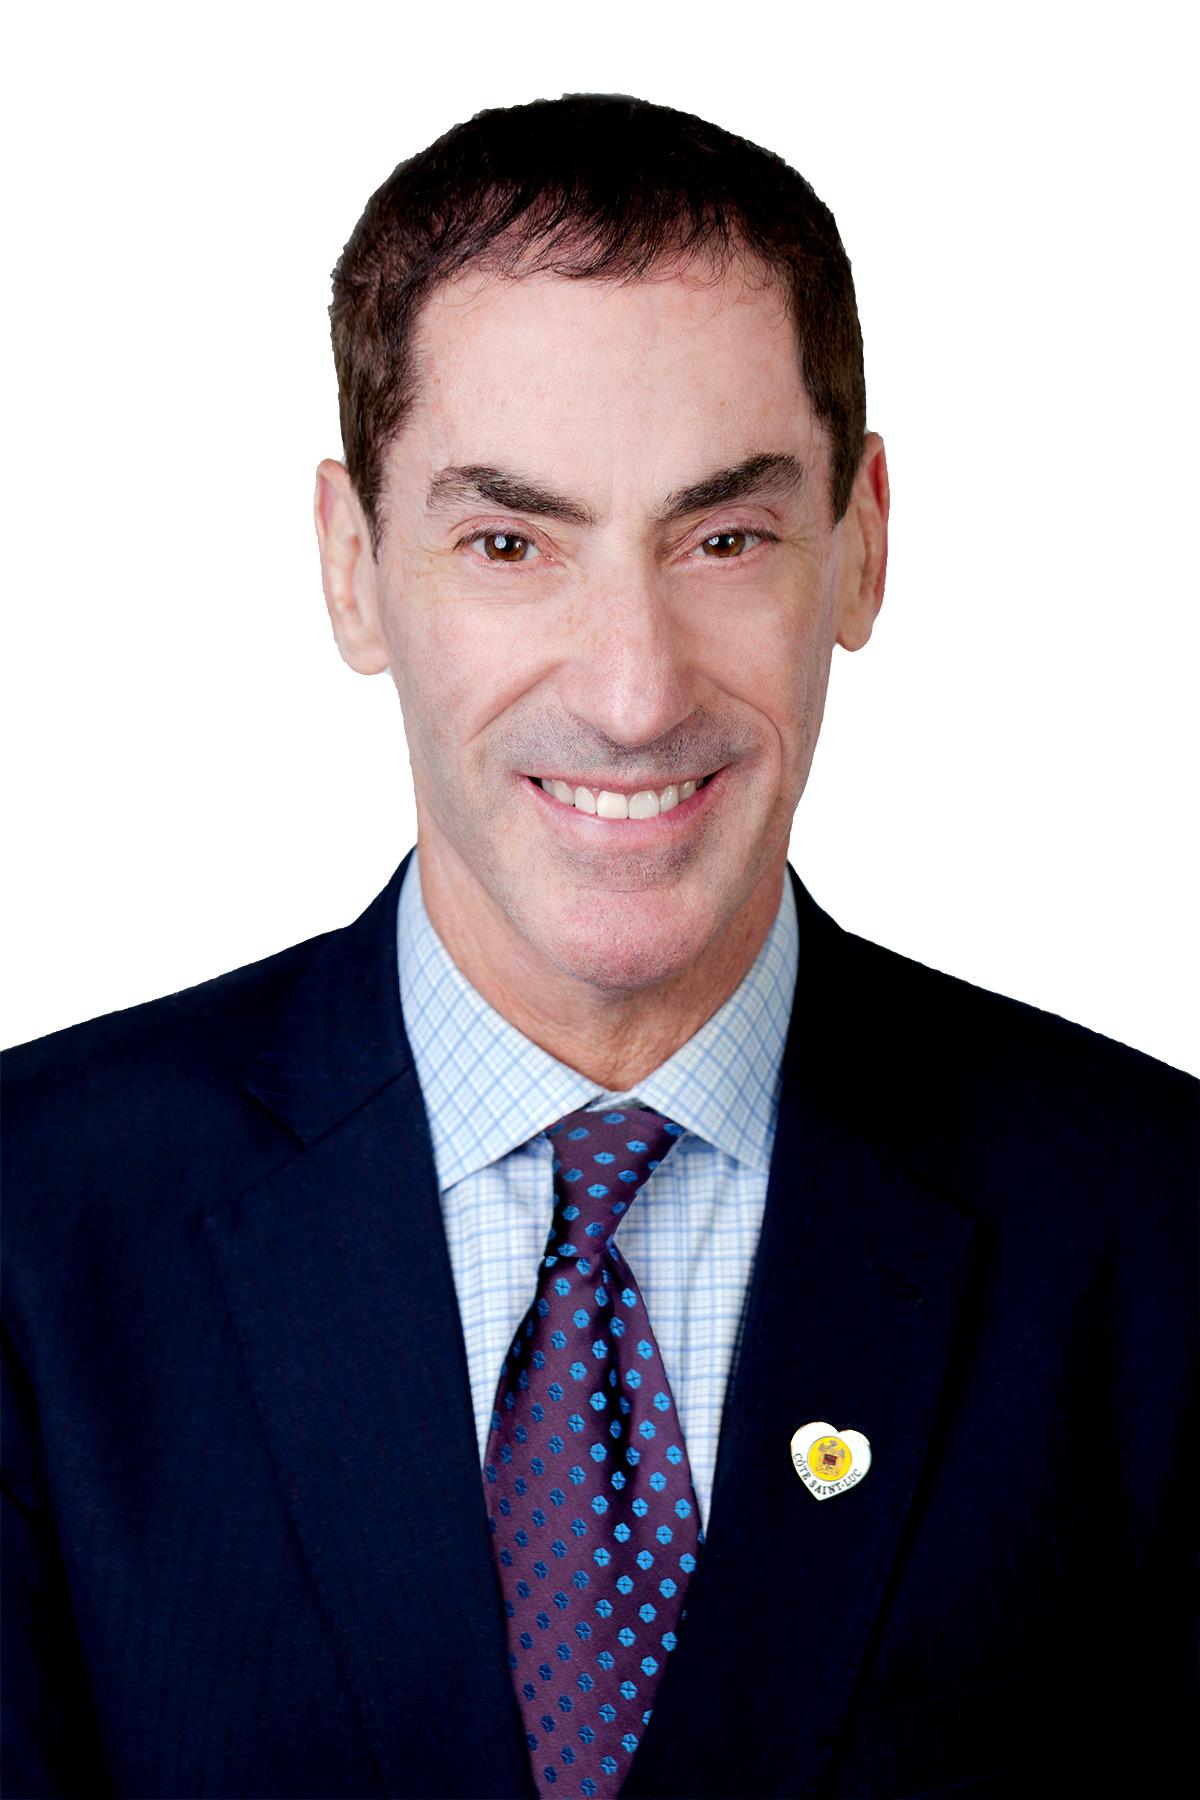 Mitchell Brownstein